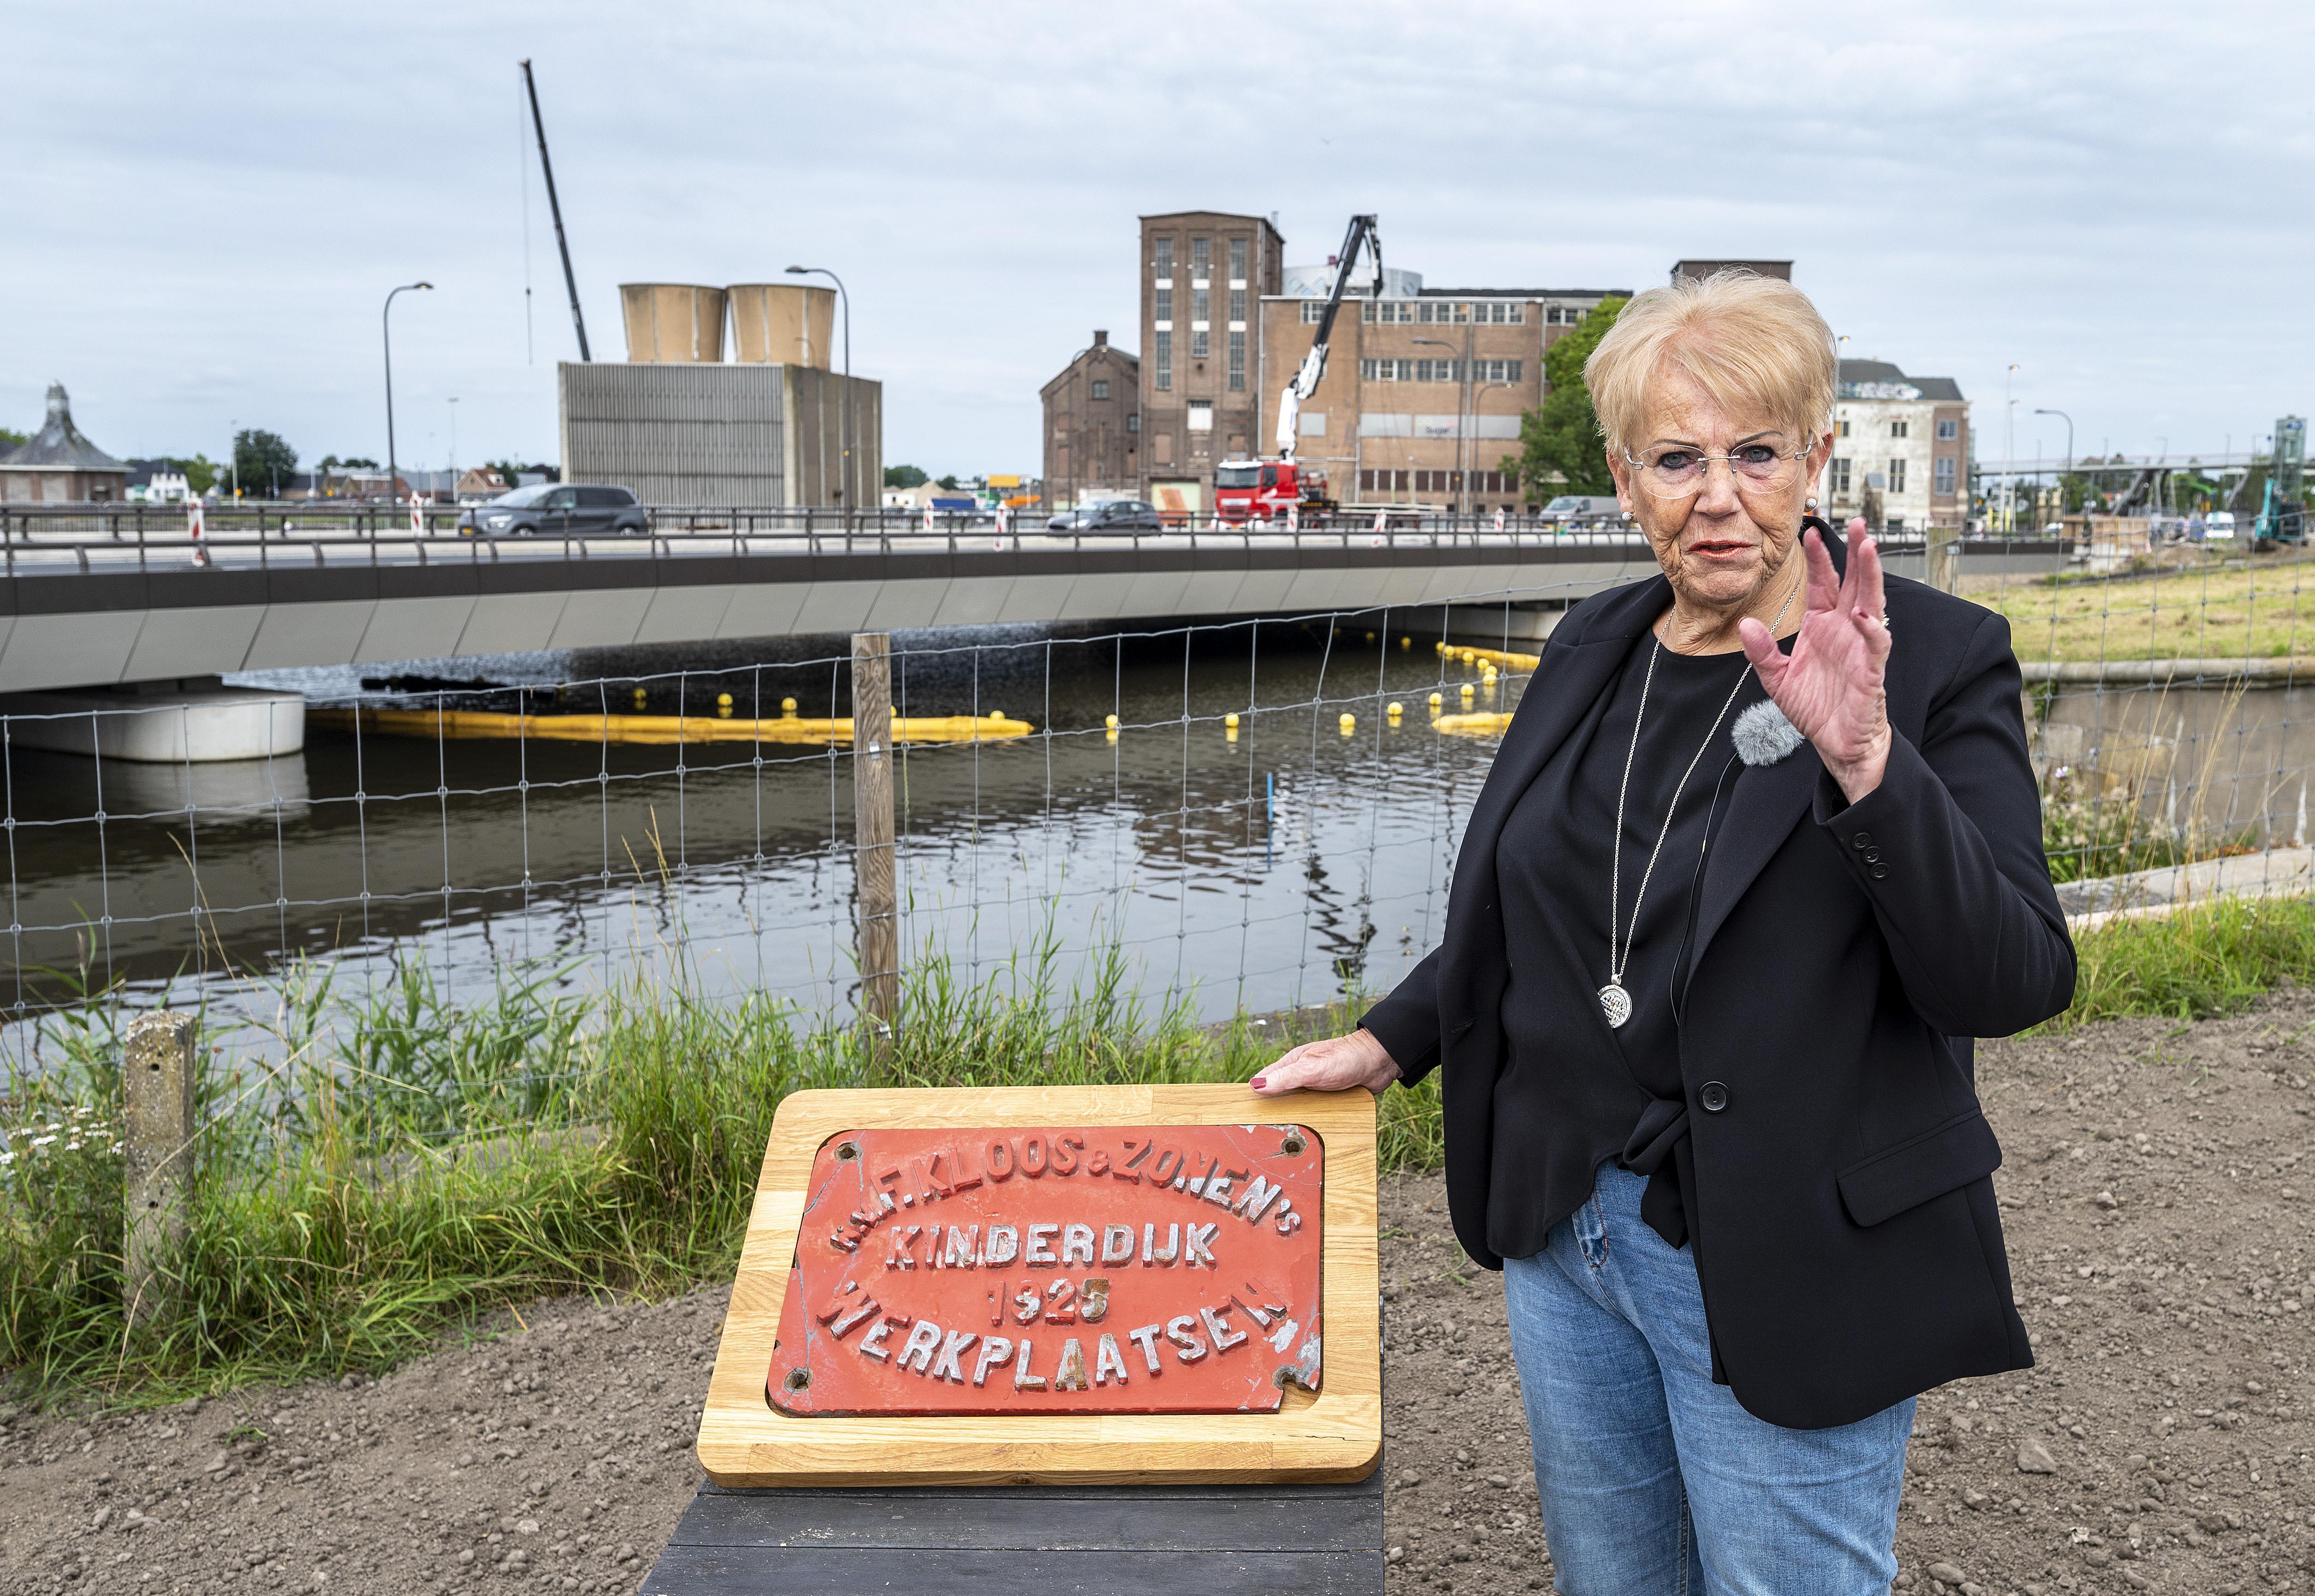 'De oude Boezembrug was een deel van mij.' Een halve eeuw na ernstig ongeval op brug krijgt Zwanenburgse Klazien (69) een stuk van de brug